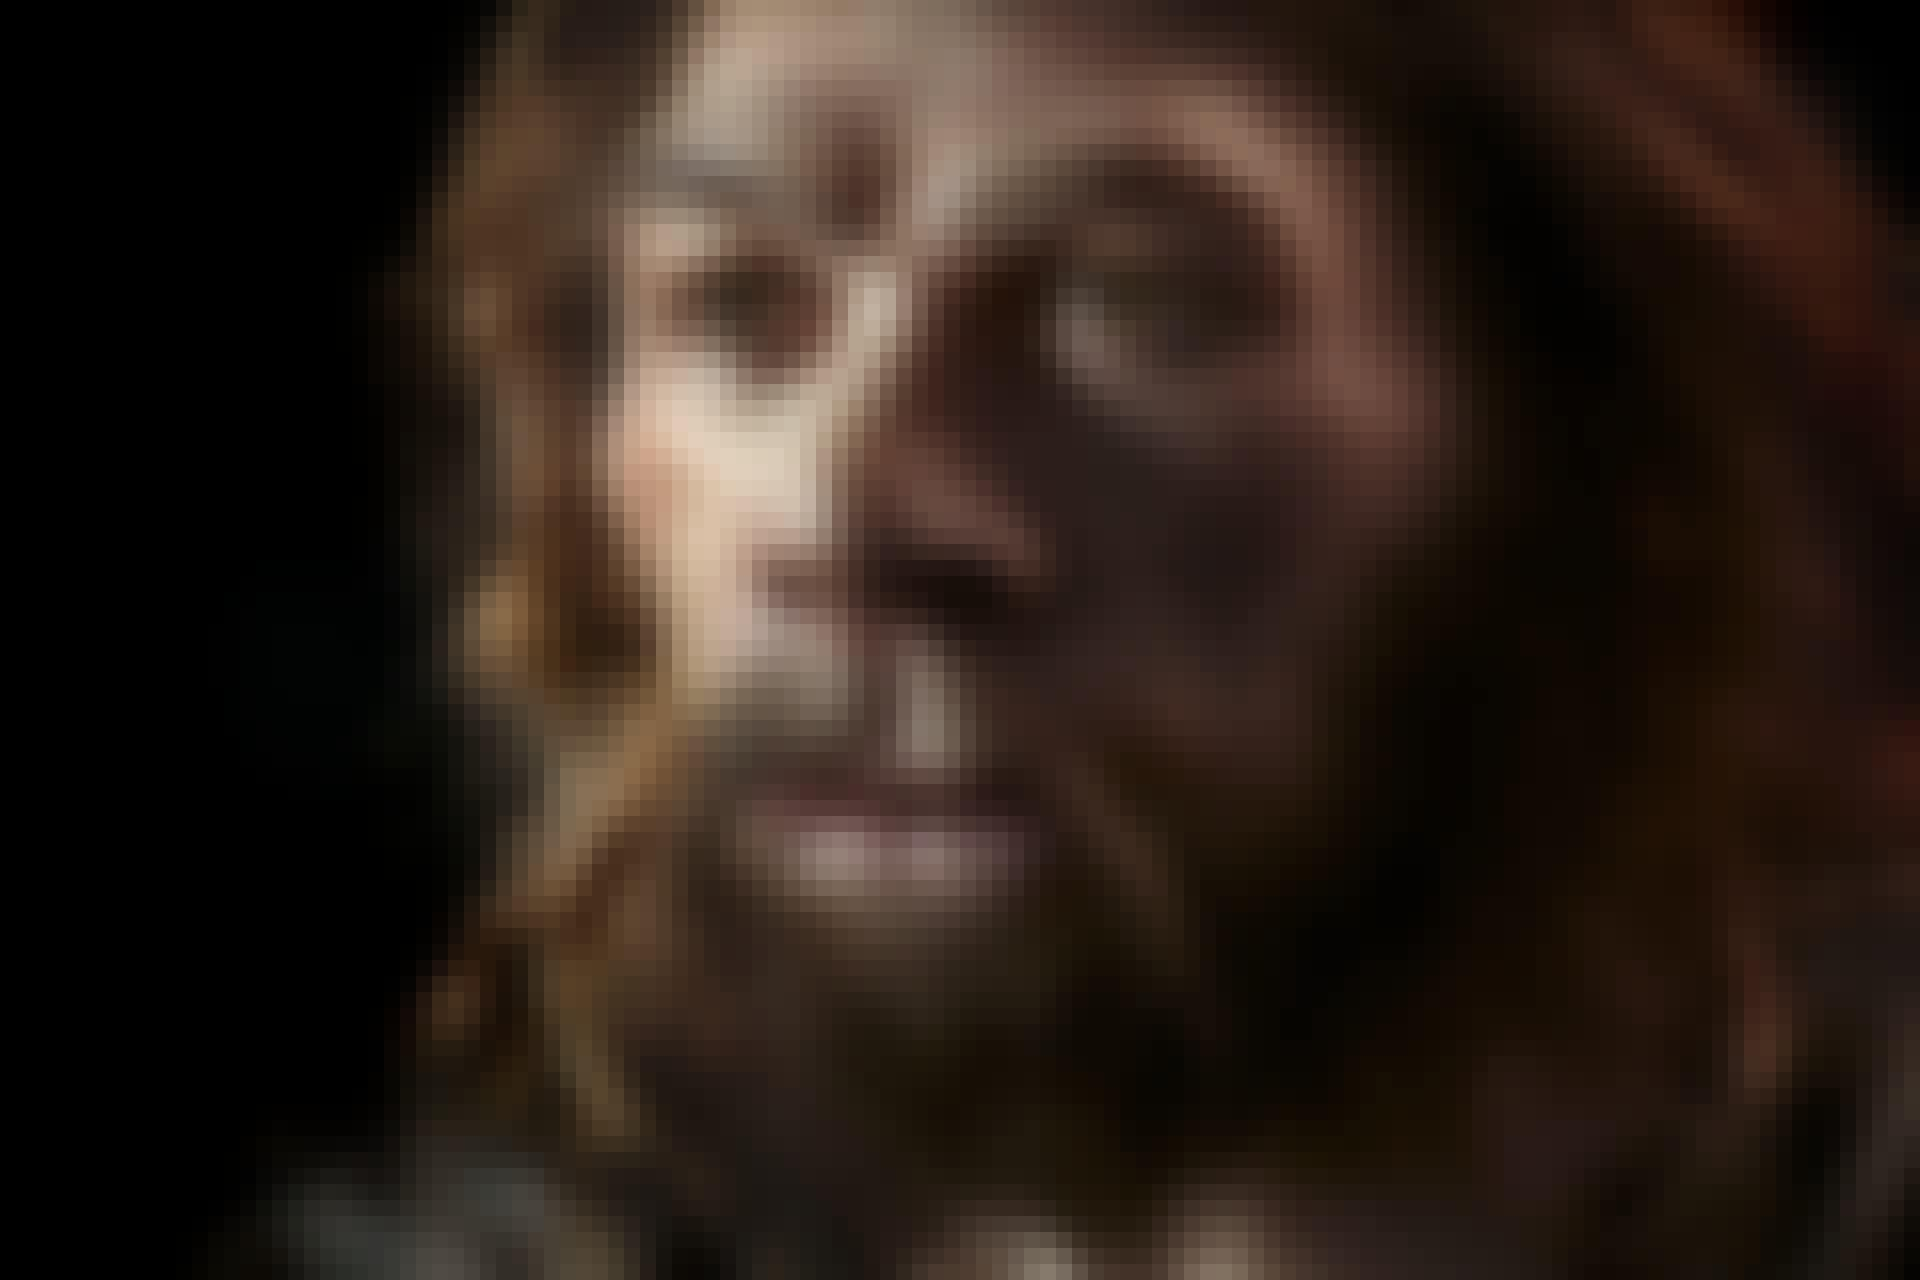 kallo, neandertalinihminen, homo sapiens, kieli, puhe